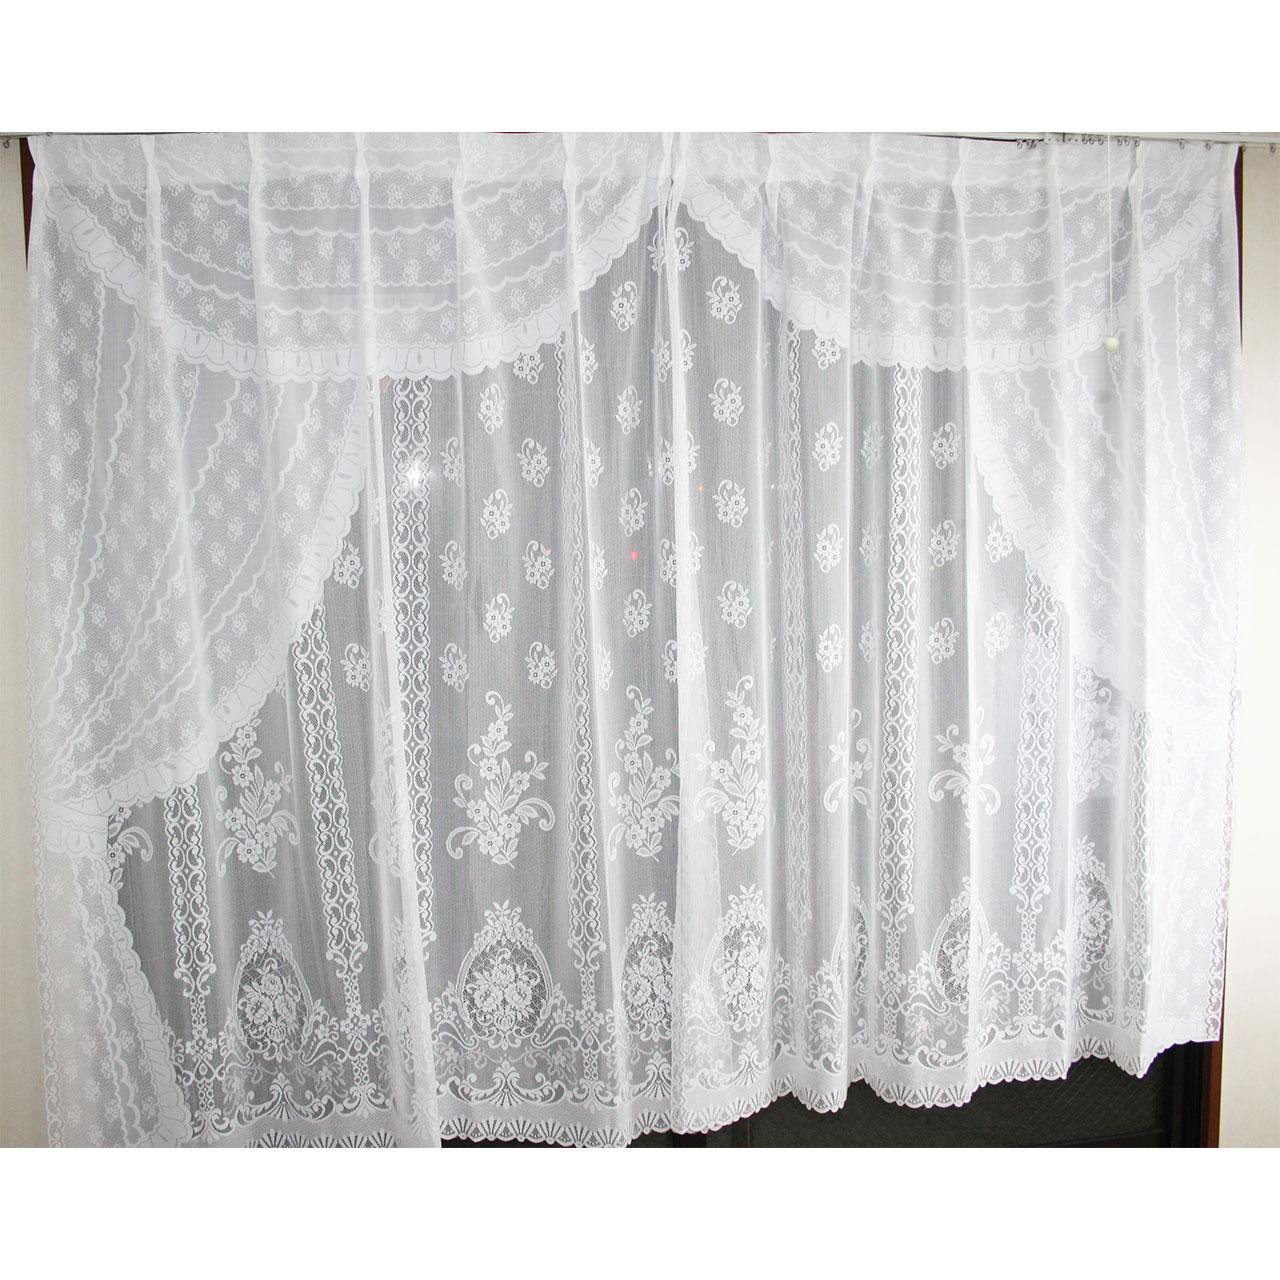 ベルサイユのばら 華麗なるマリーアントワネットのレースカーテン